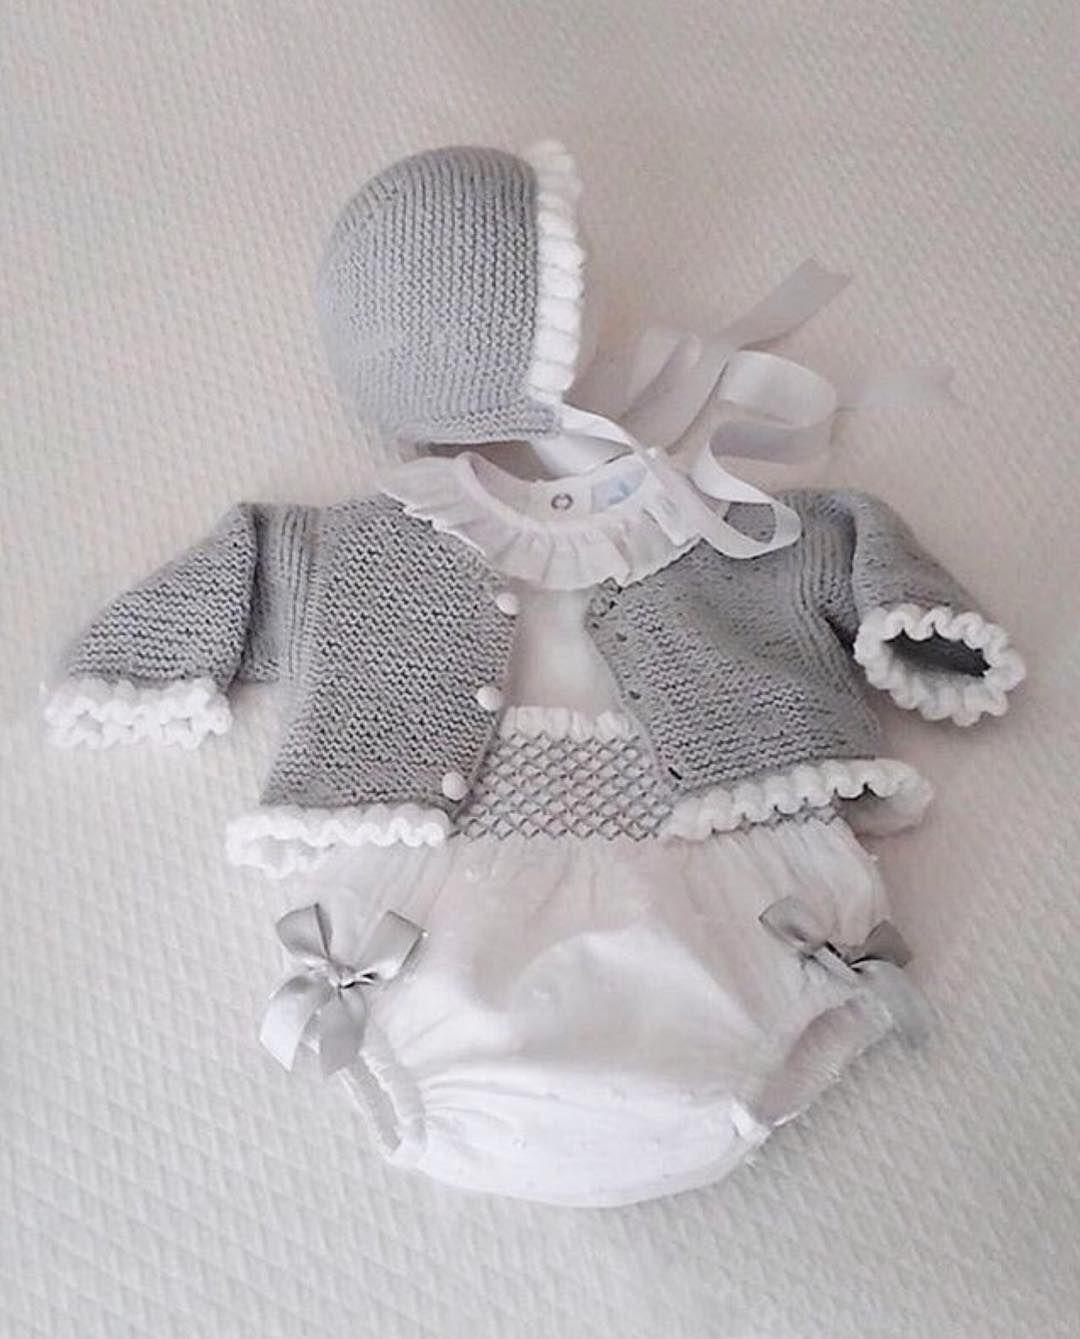 3d90ce25d Somos unos enamorados de las prendas artesanales, esta preciosidad ...